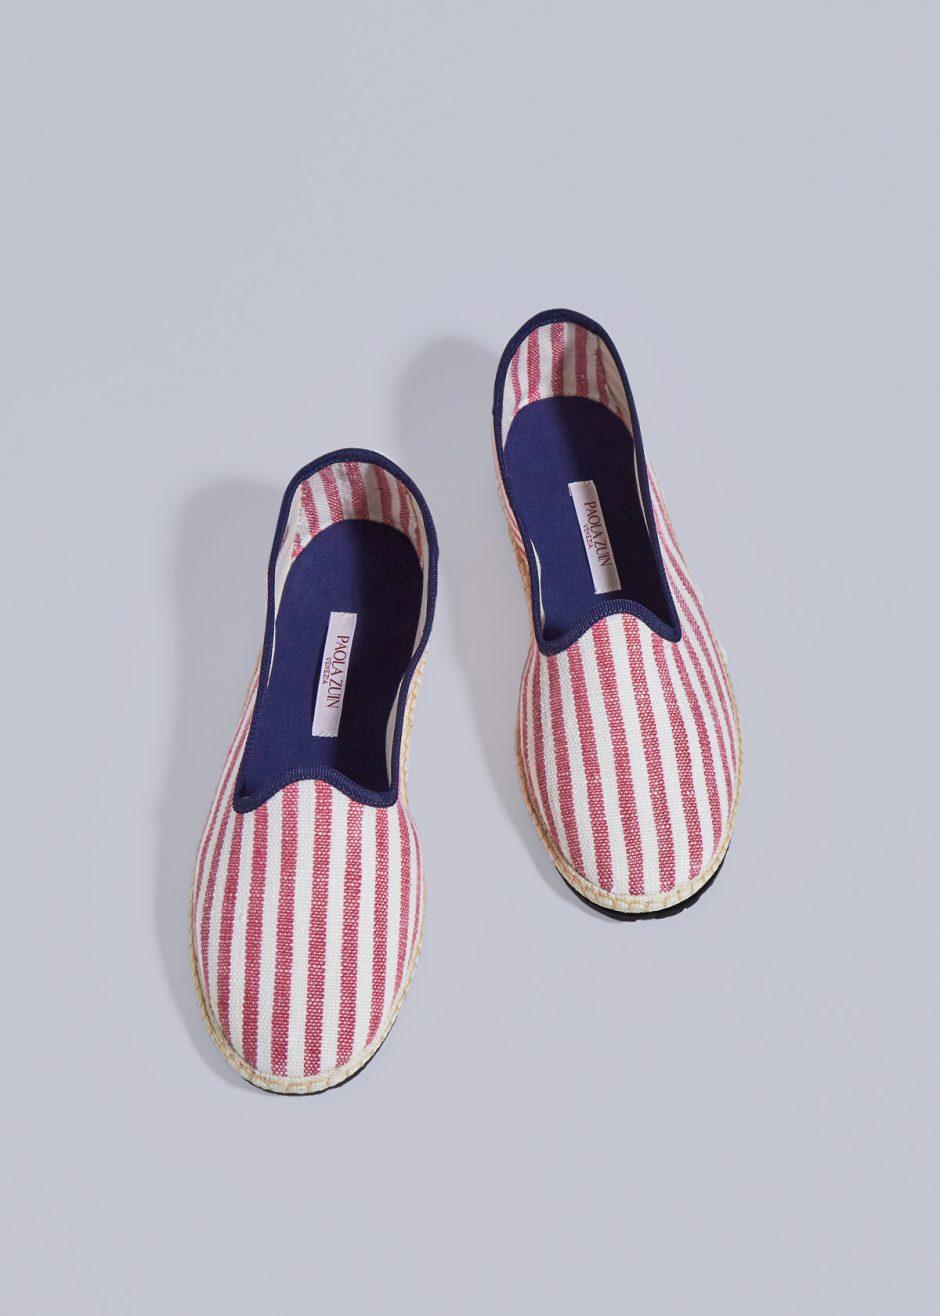 Daisy – Furlana striped linen 100% linen